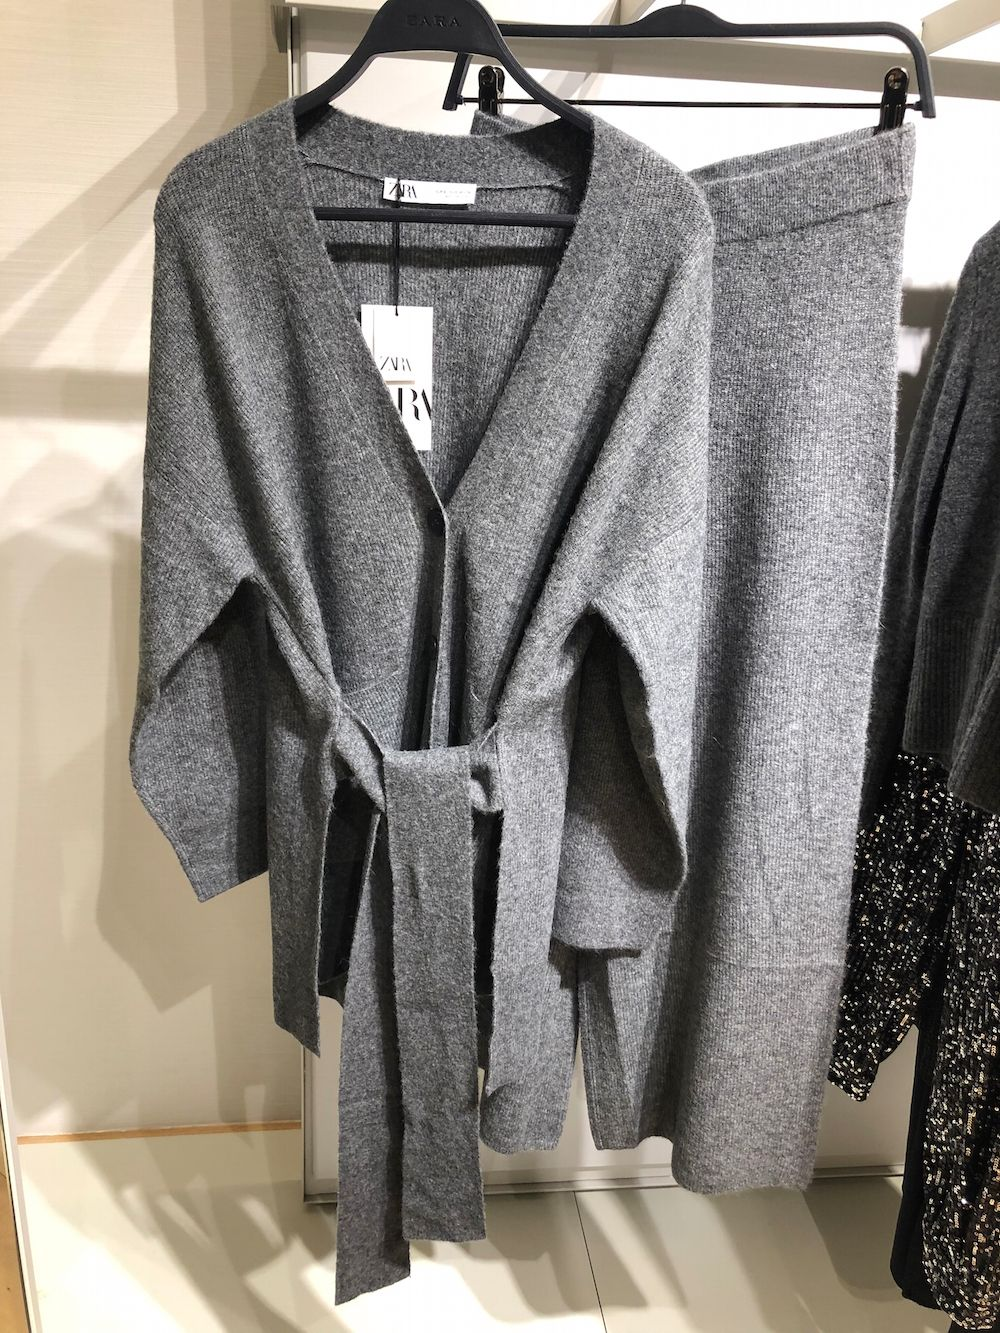 【2019年】秋ファッションのトレンドは? - 注目のキーワードや、『ユニクロ』『ZARA』など人気ブランドの秋冬展示会まとめ_36